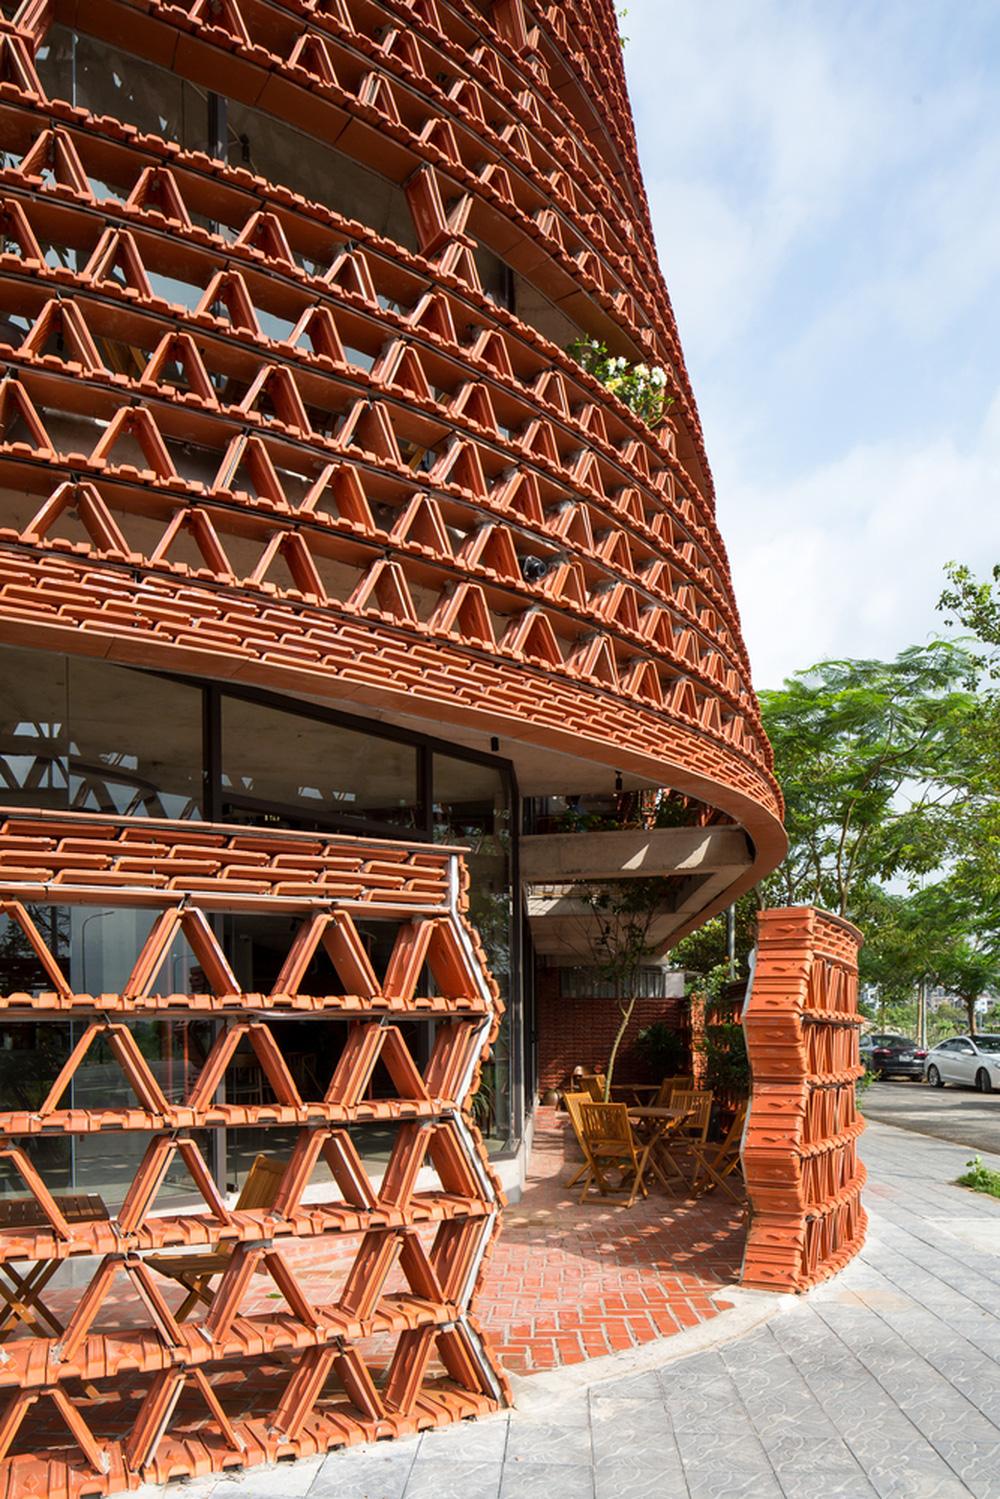 Quán cà phê lấy cảm hứng từ cành cây và hang động của người tiền sử ở Hà Nội đẹp lạ trên báo Mỹ - ảnh 16